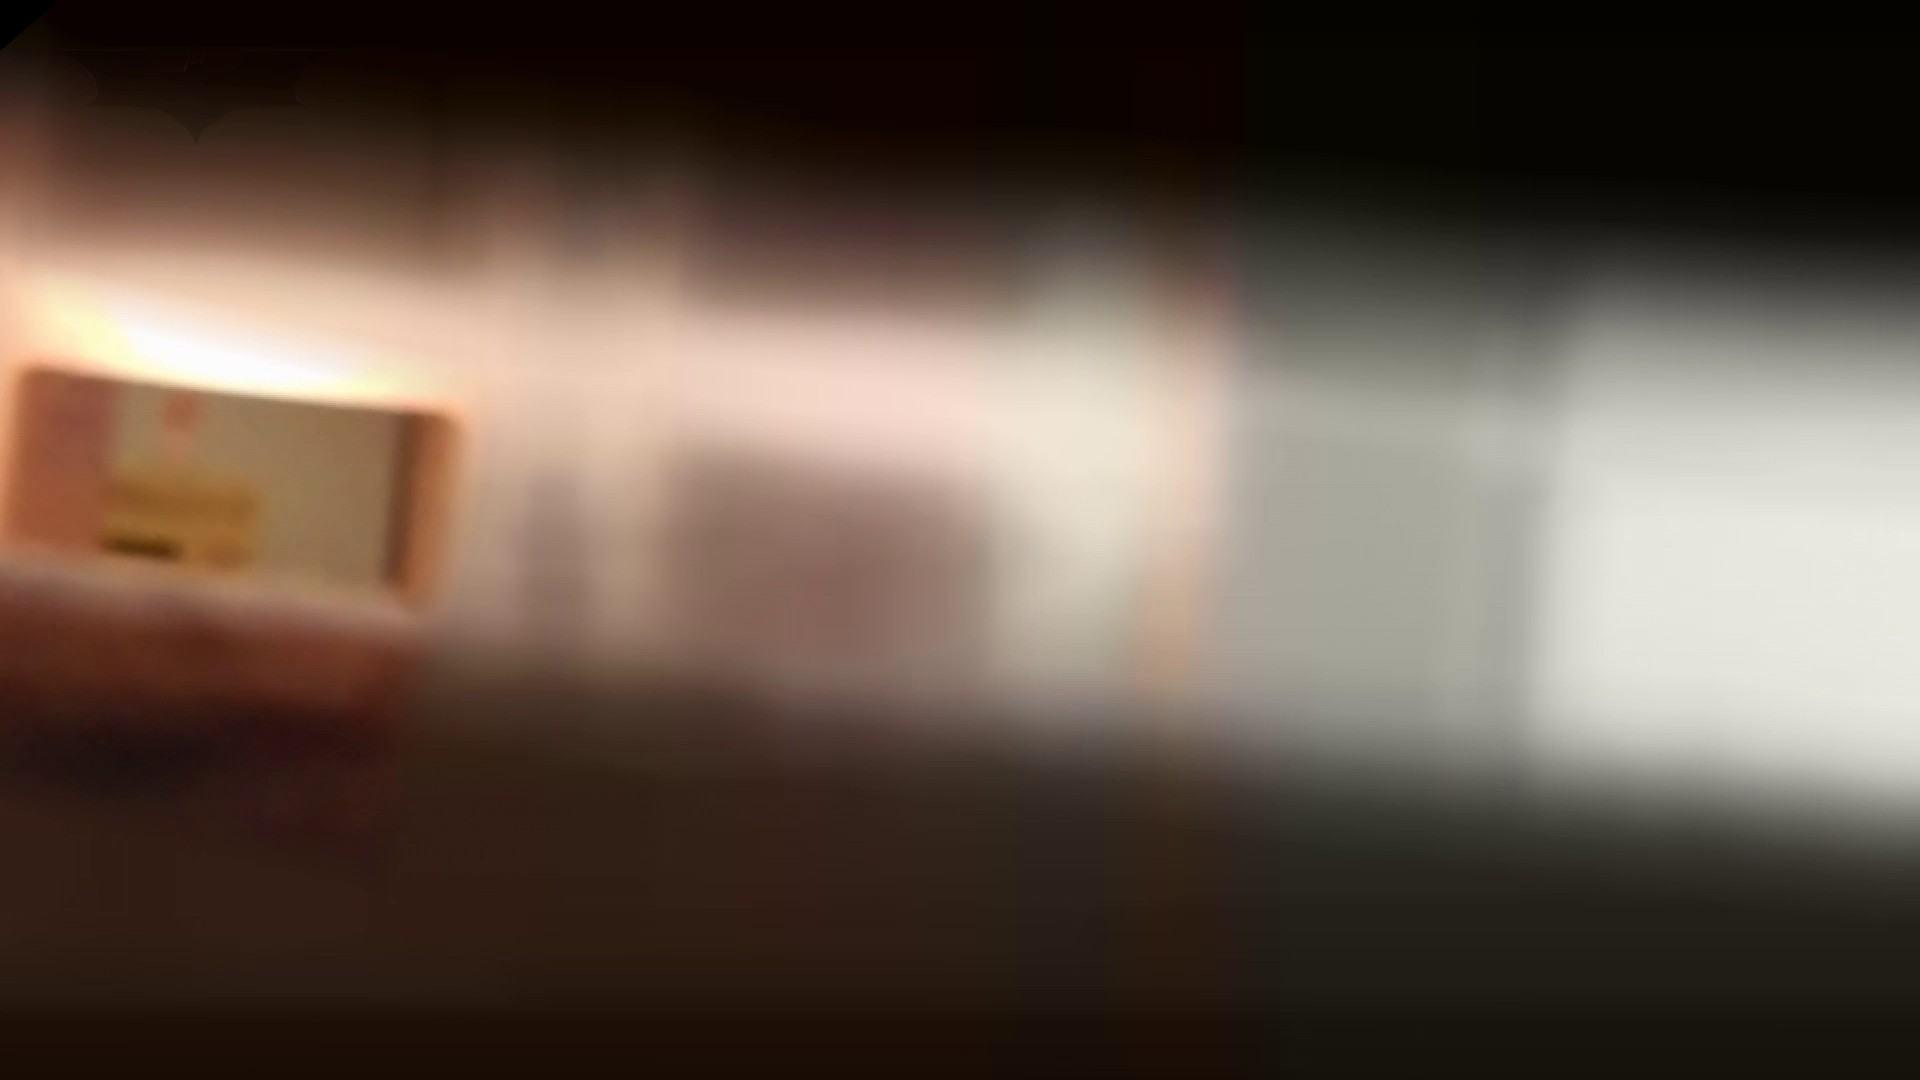 【04位 2016】第三体育館潜入撮File030 潜入 おまんこ動画流出 104PIX 74